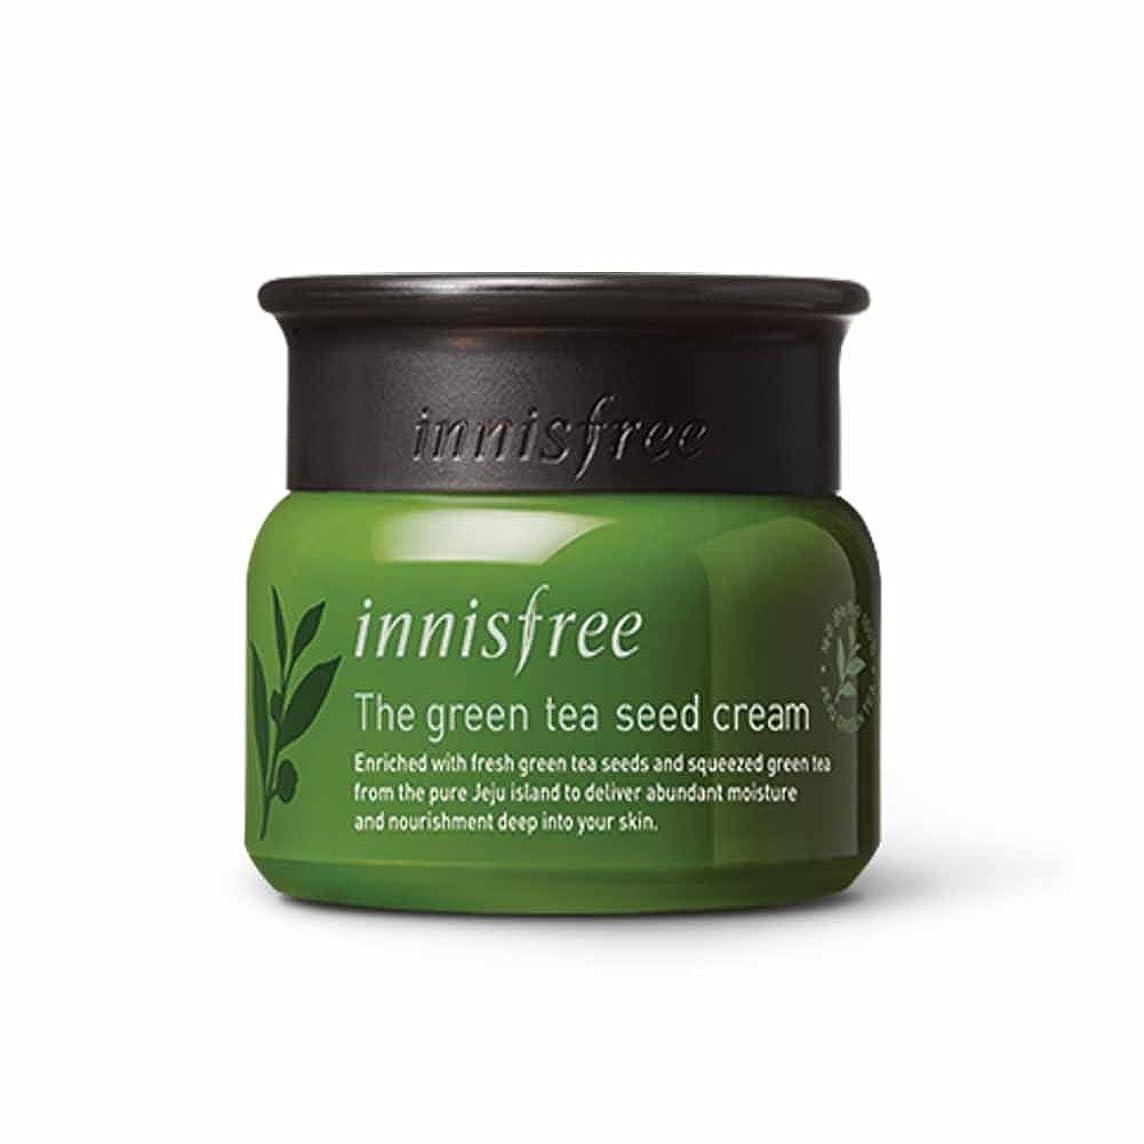 気絶させる仲介者控えめなイニスフリーグリーンティーシードクリーム50ml Innisfree The Green Tea Seed Cream 50ml[海外直送品][並行輸入品]